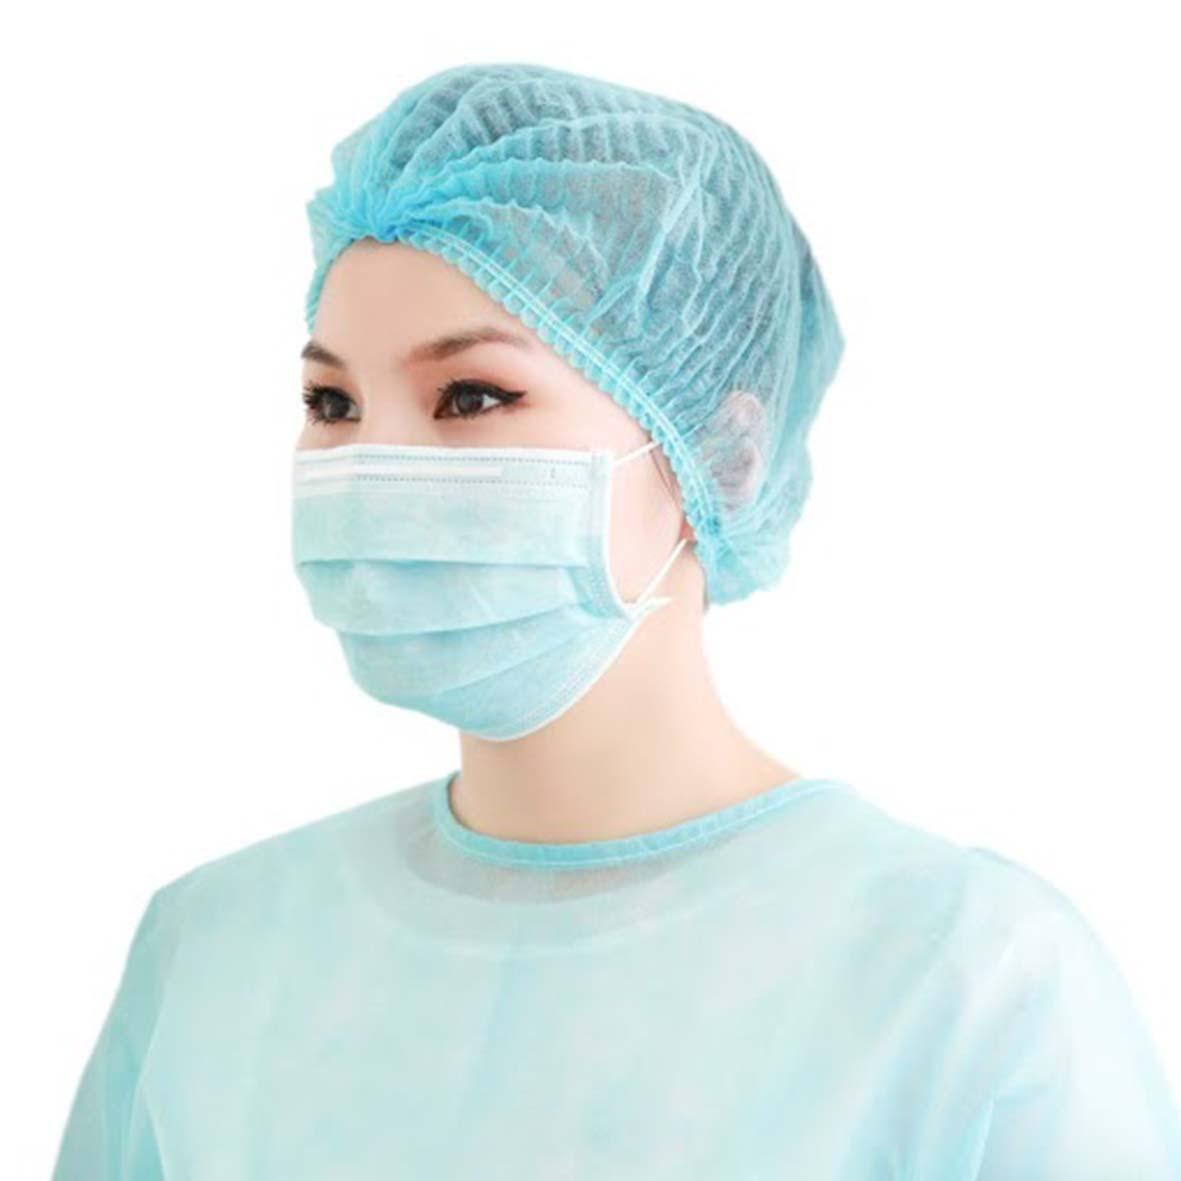 trang phục y tế may bằng vải không dệt